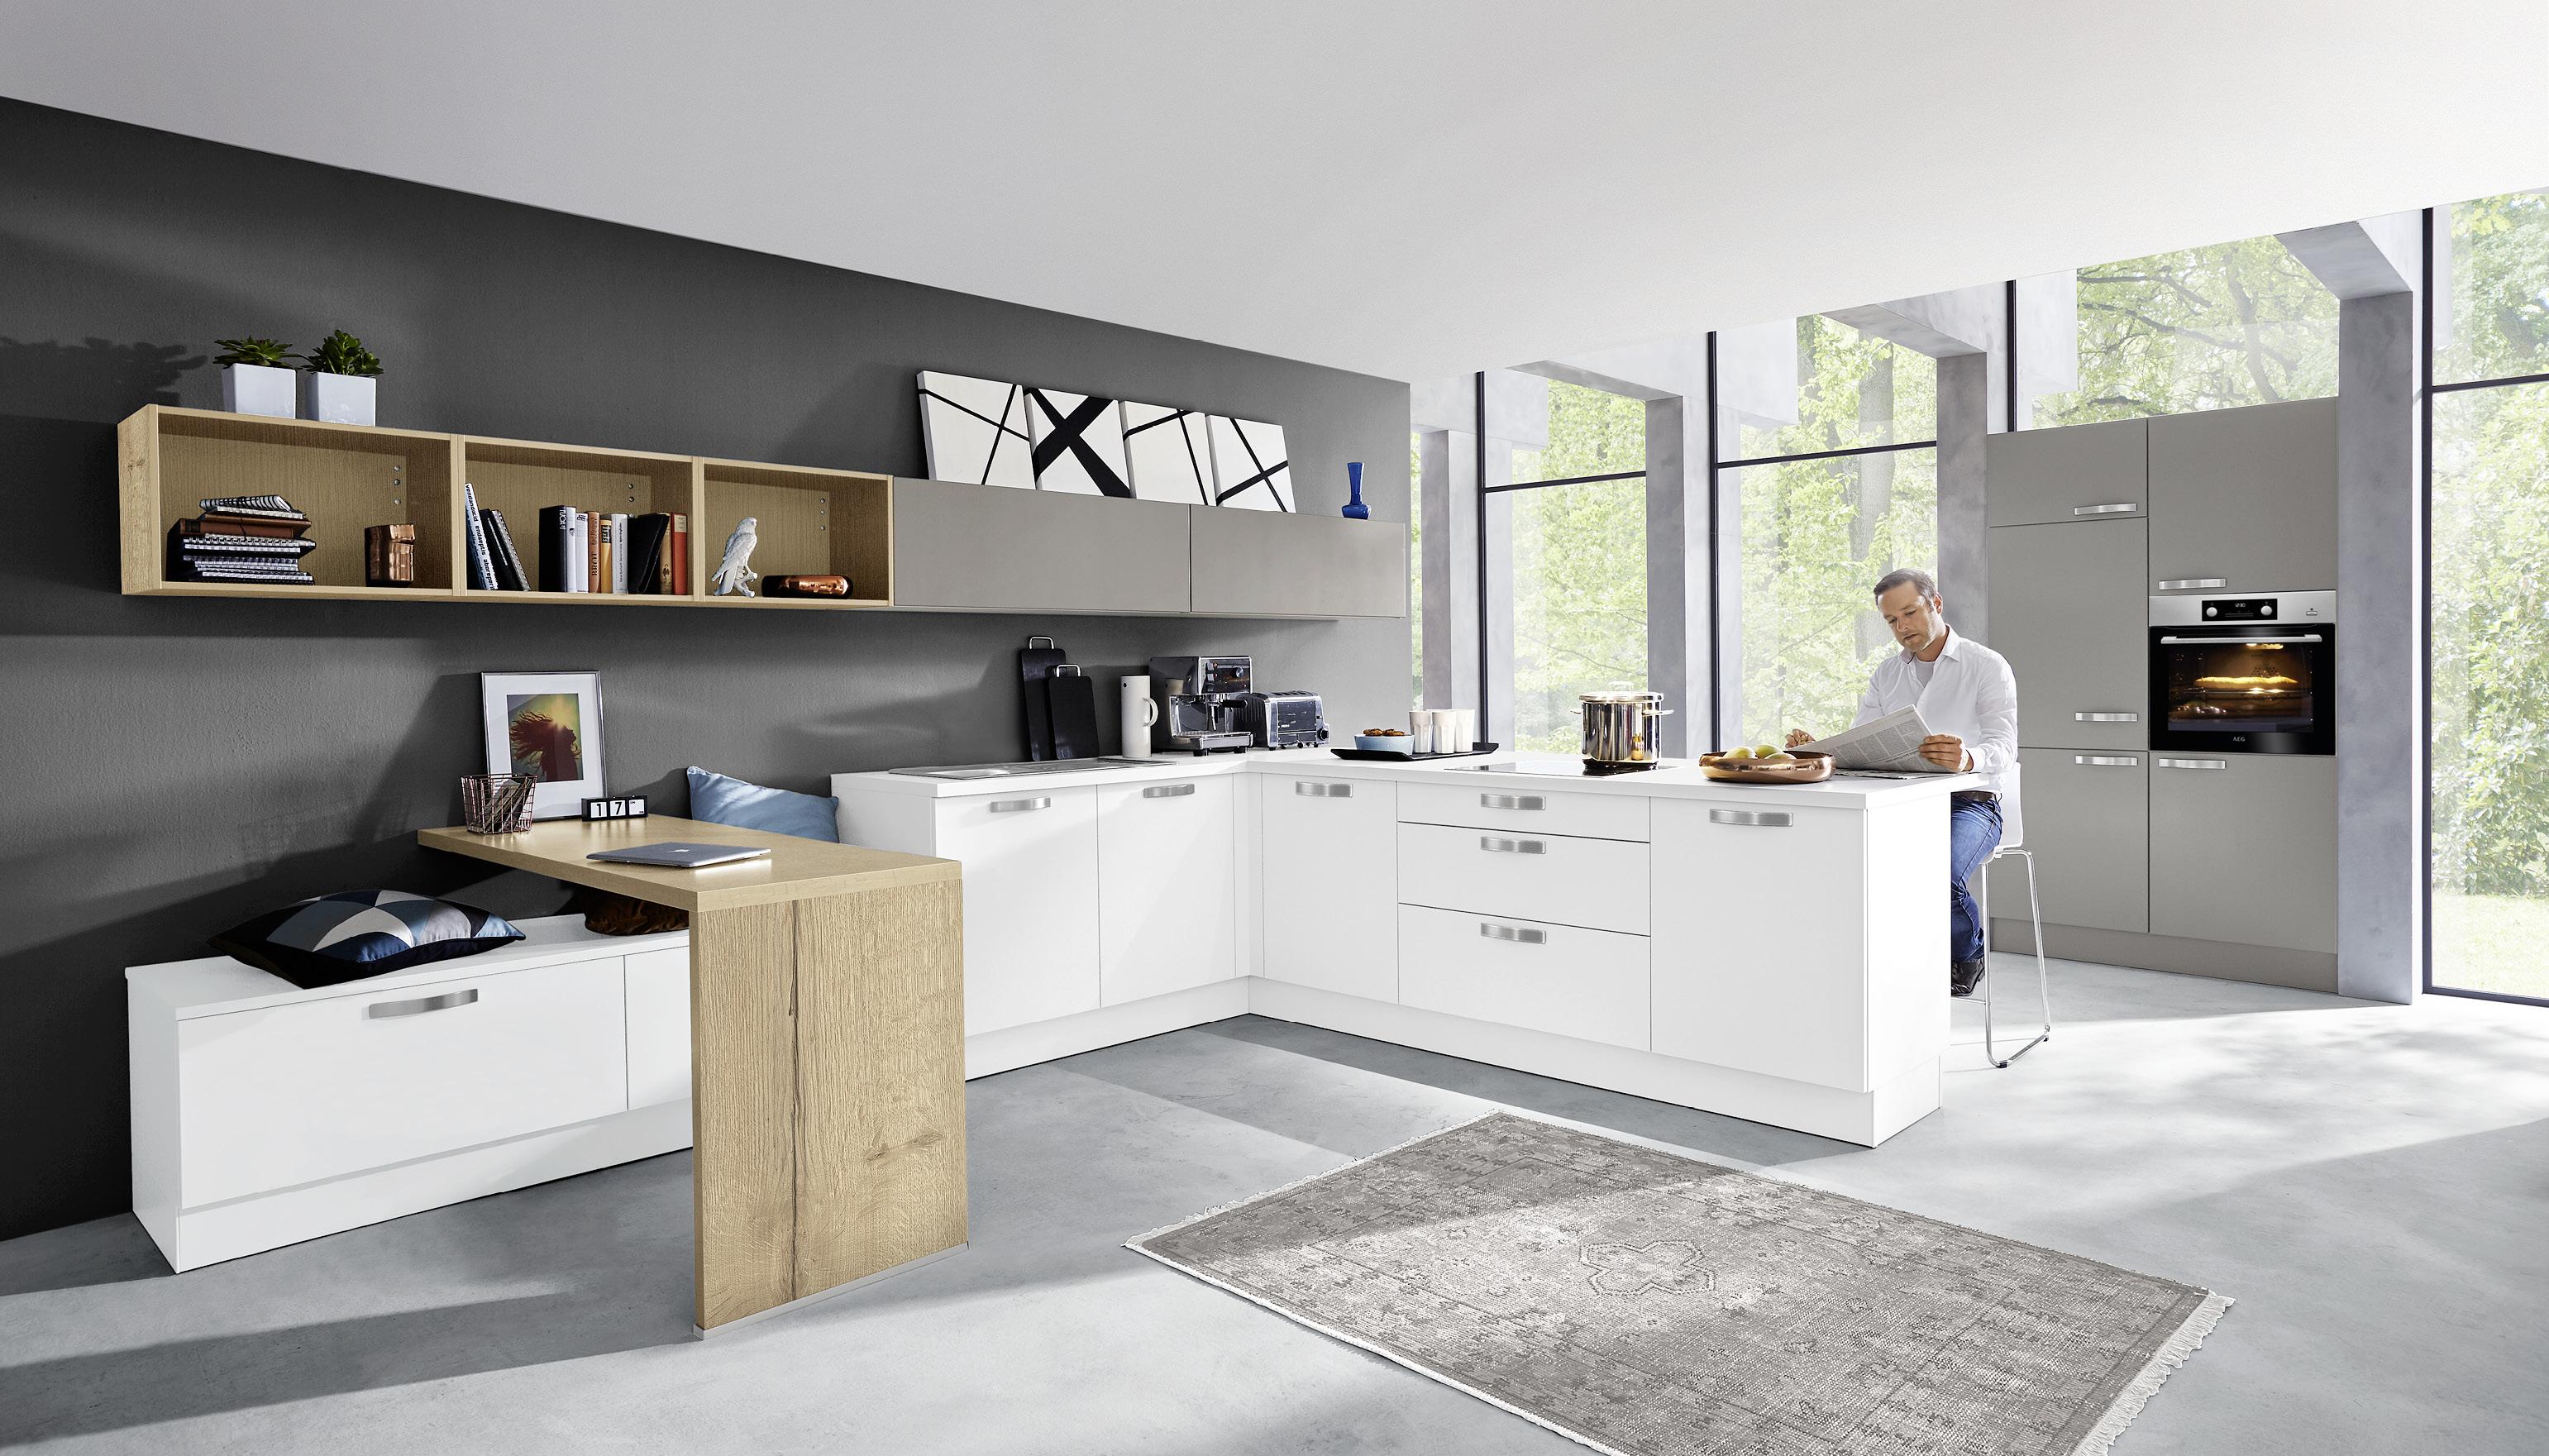 insel kchen abverkauf designkche in steingrau with insel